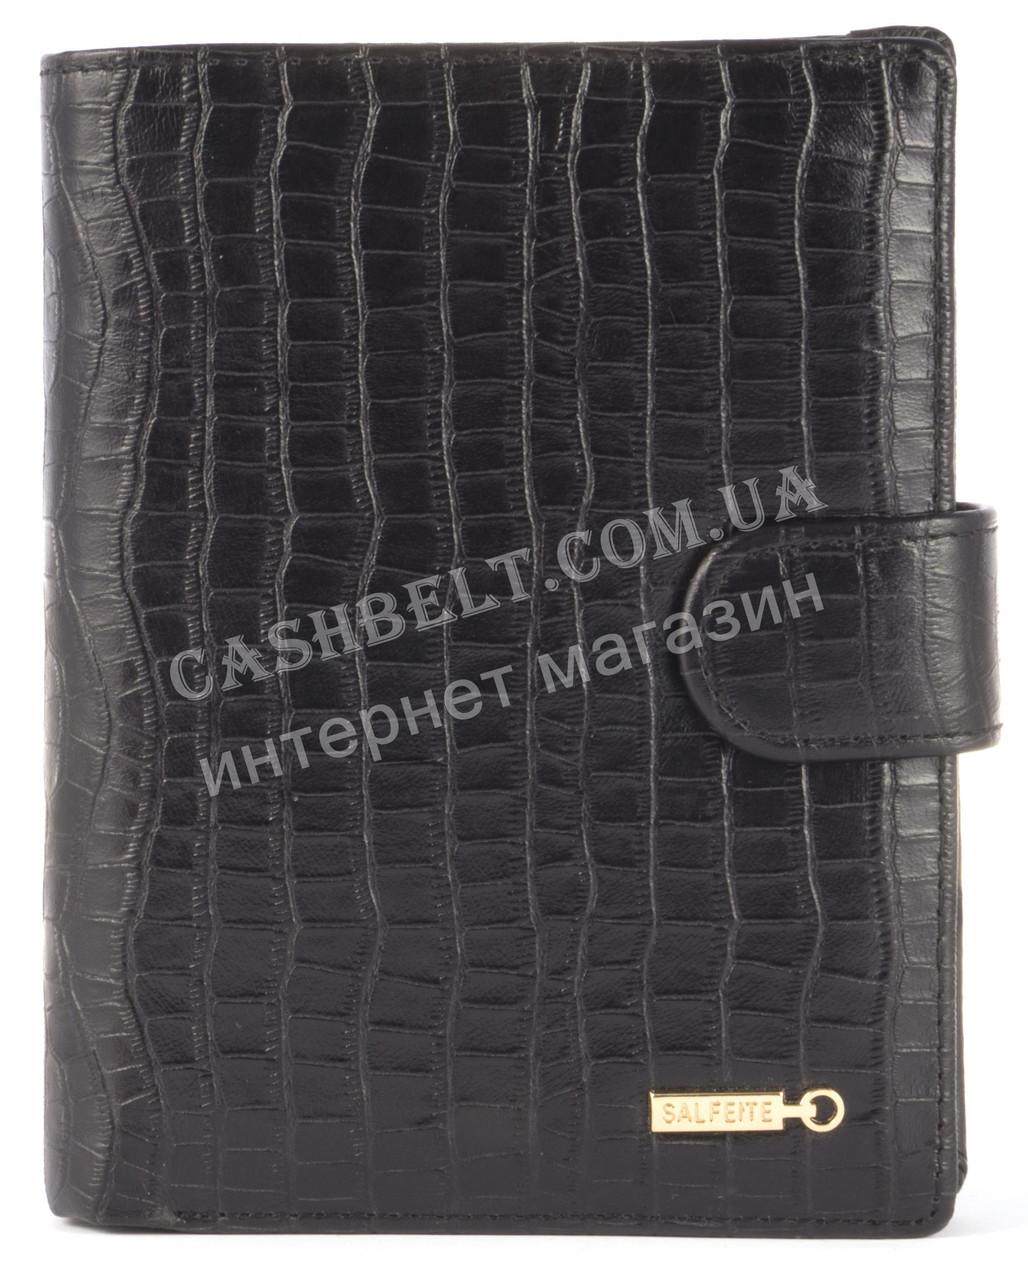 Прочный вместительный кошелек портмоне из натуральной качественной кожи  SALFEITE art. 2310SL-D71 черный